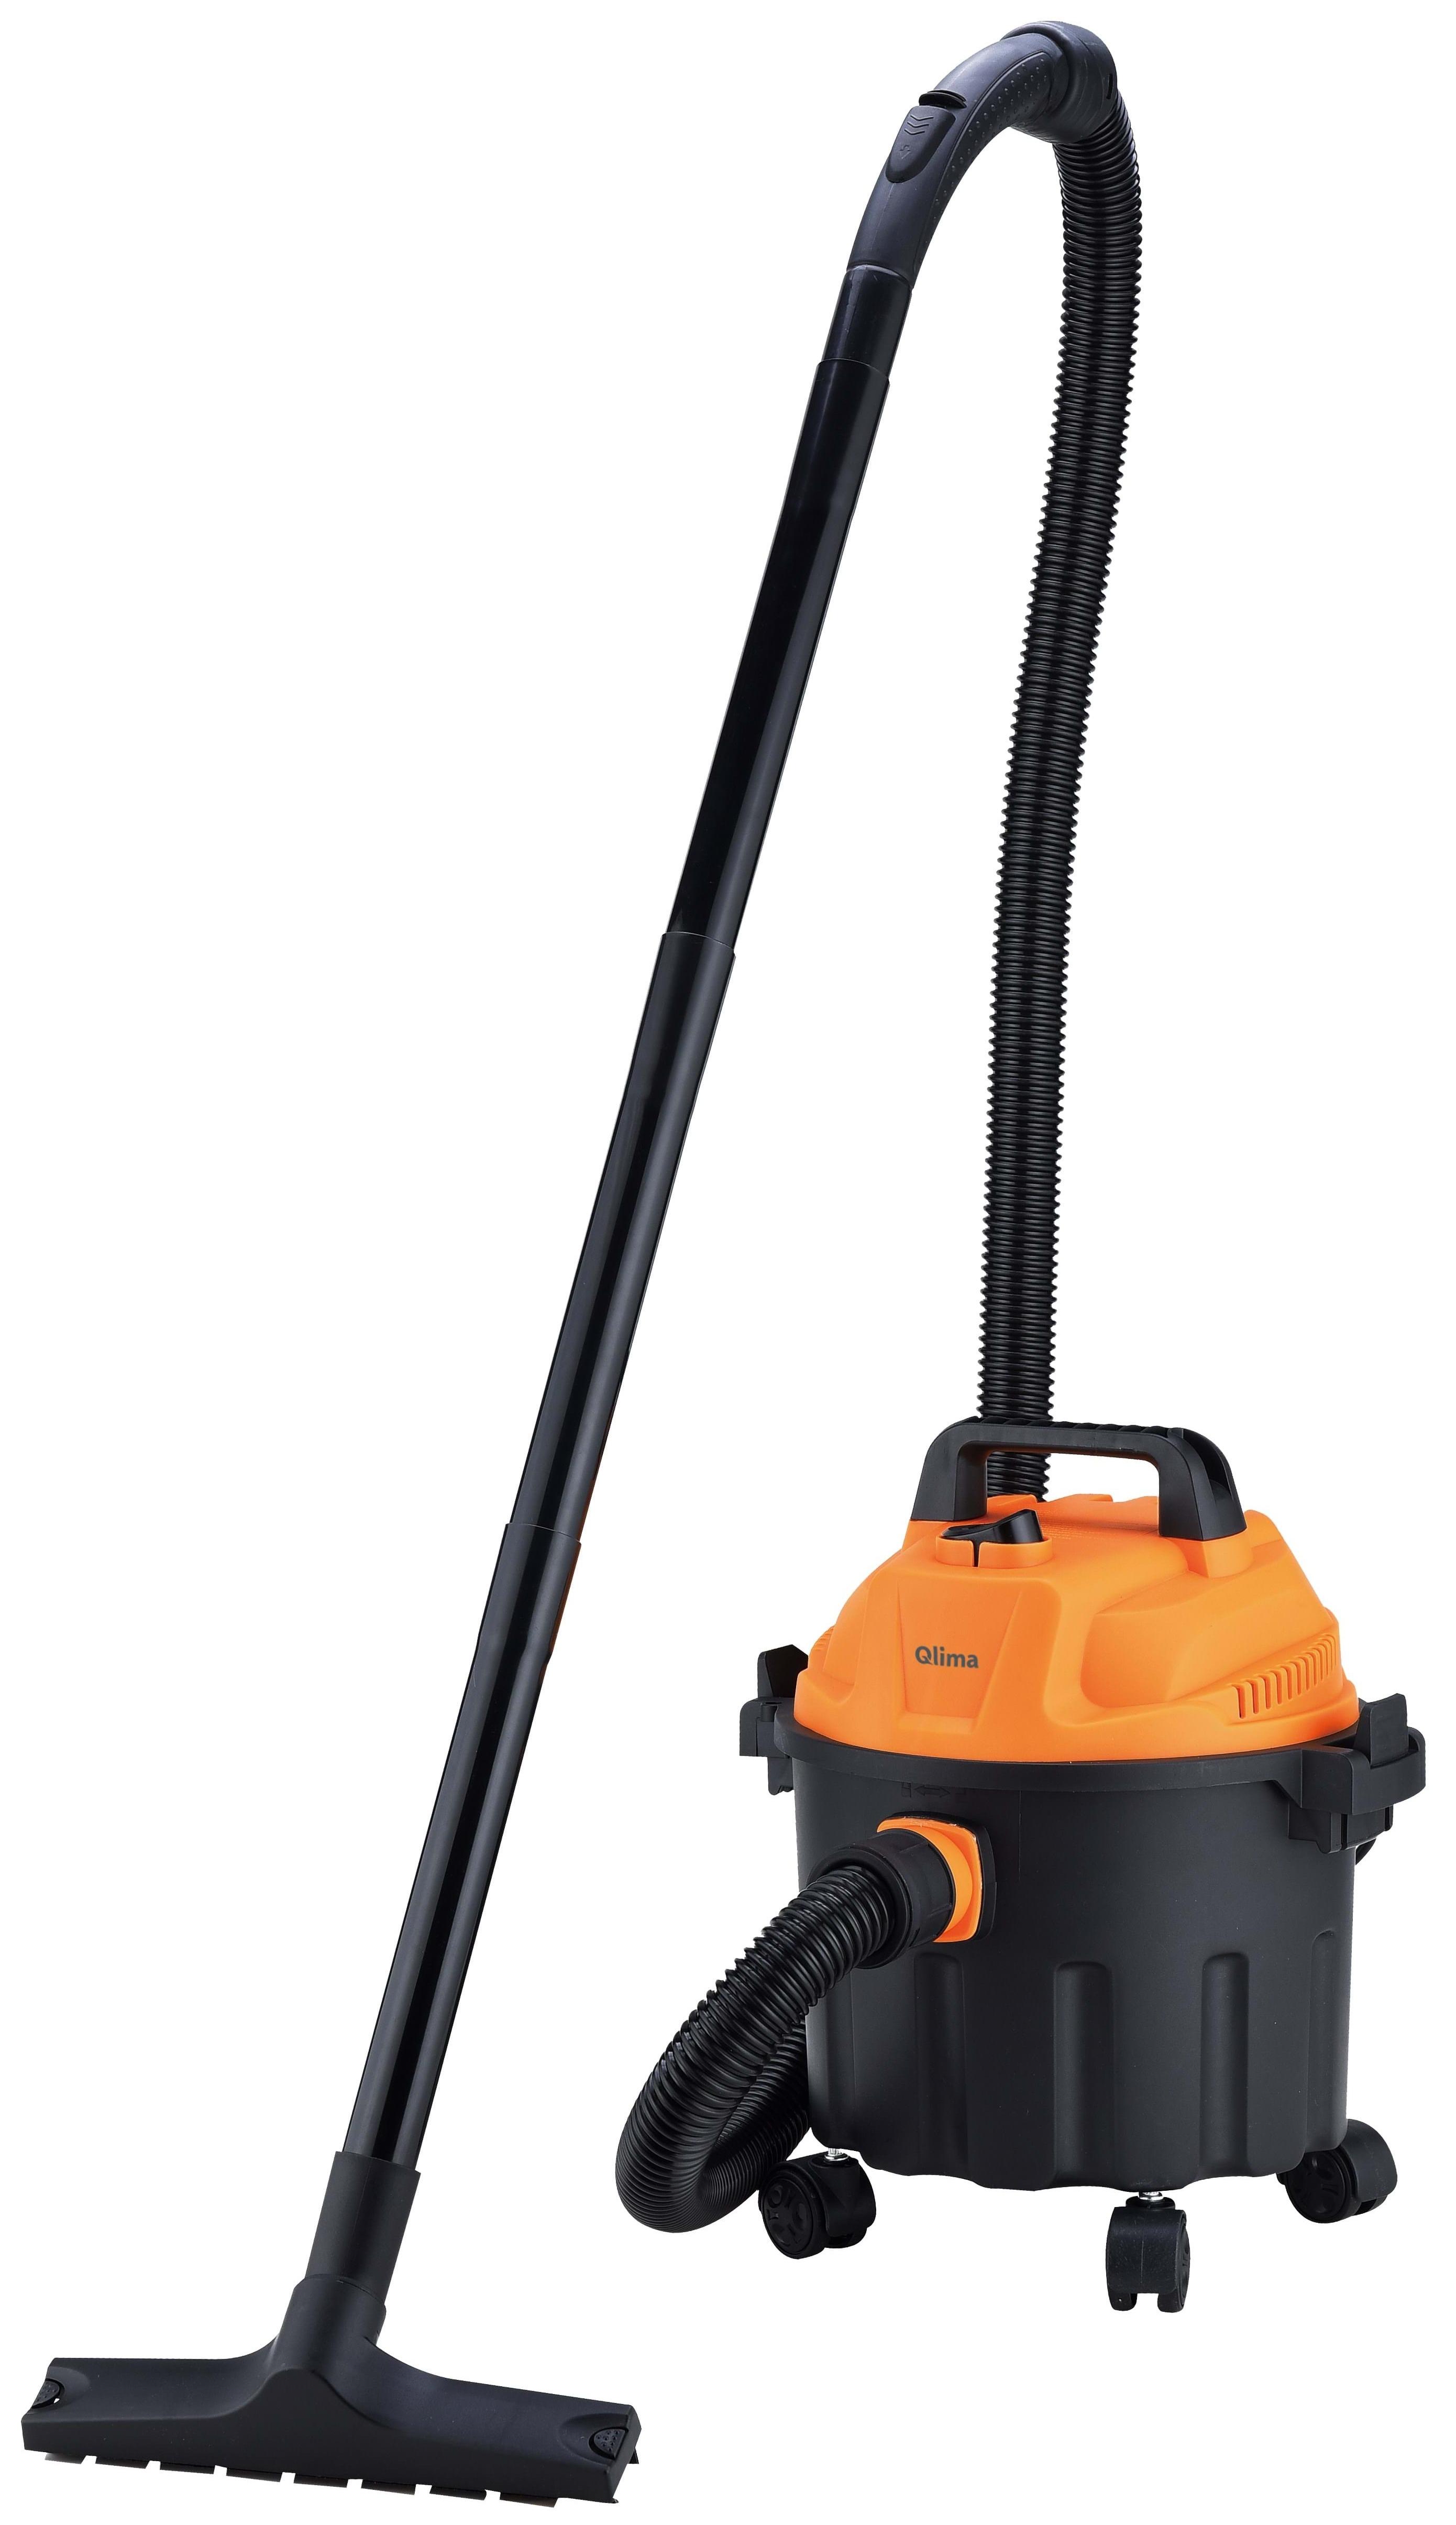 Qlima WDZ 510 oranje